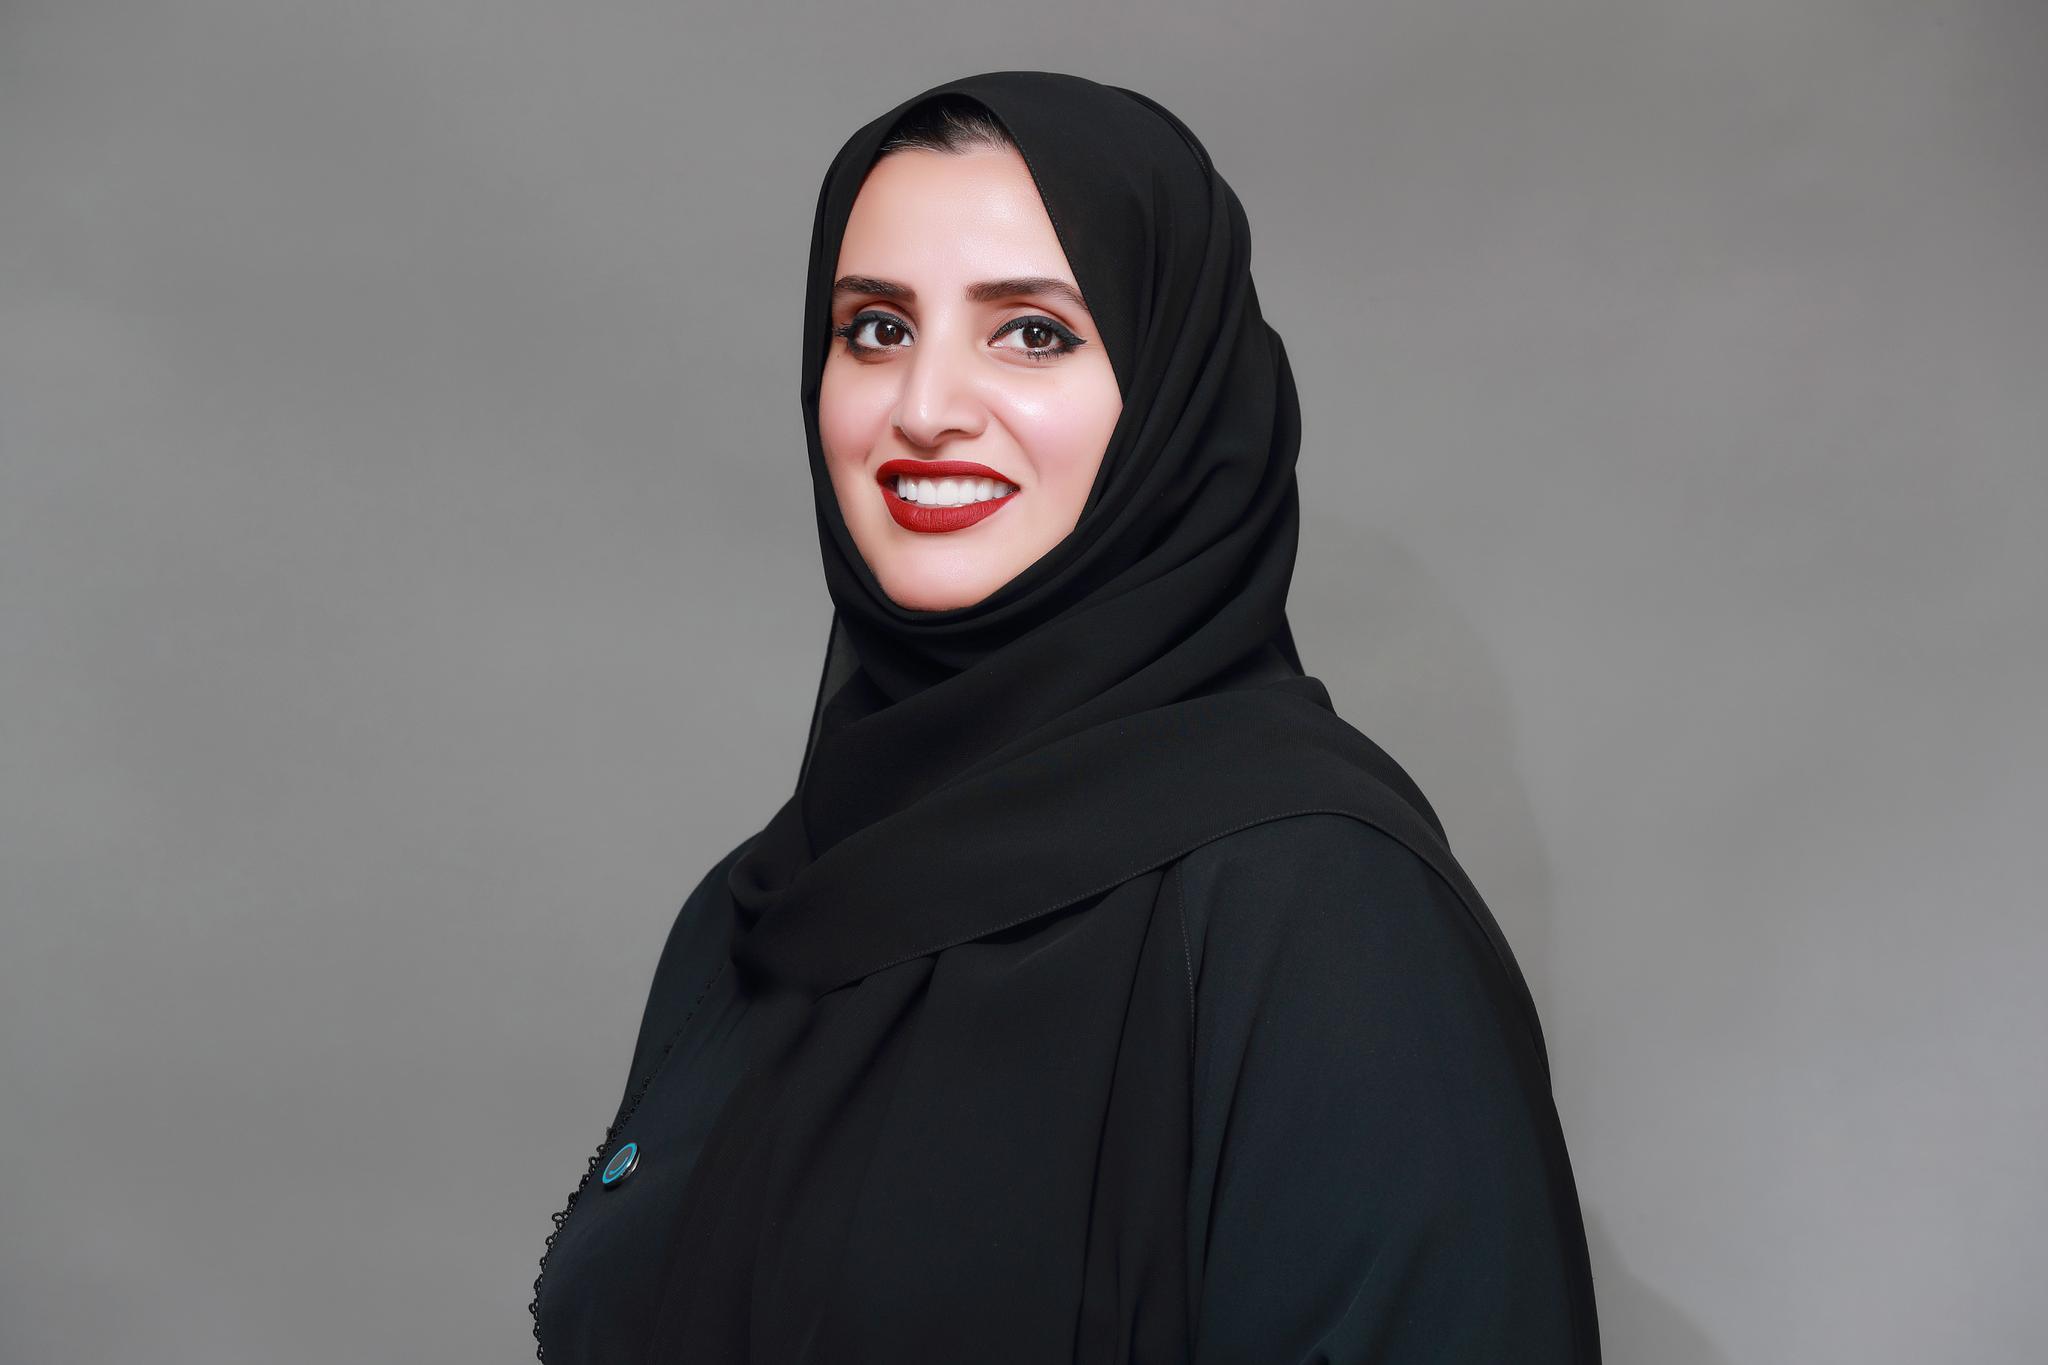 H.E Dr.Aisha Bint Butti Bin Bishr